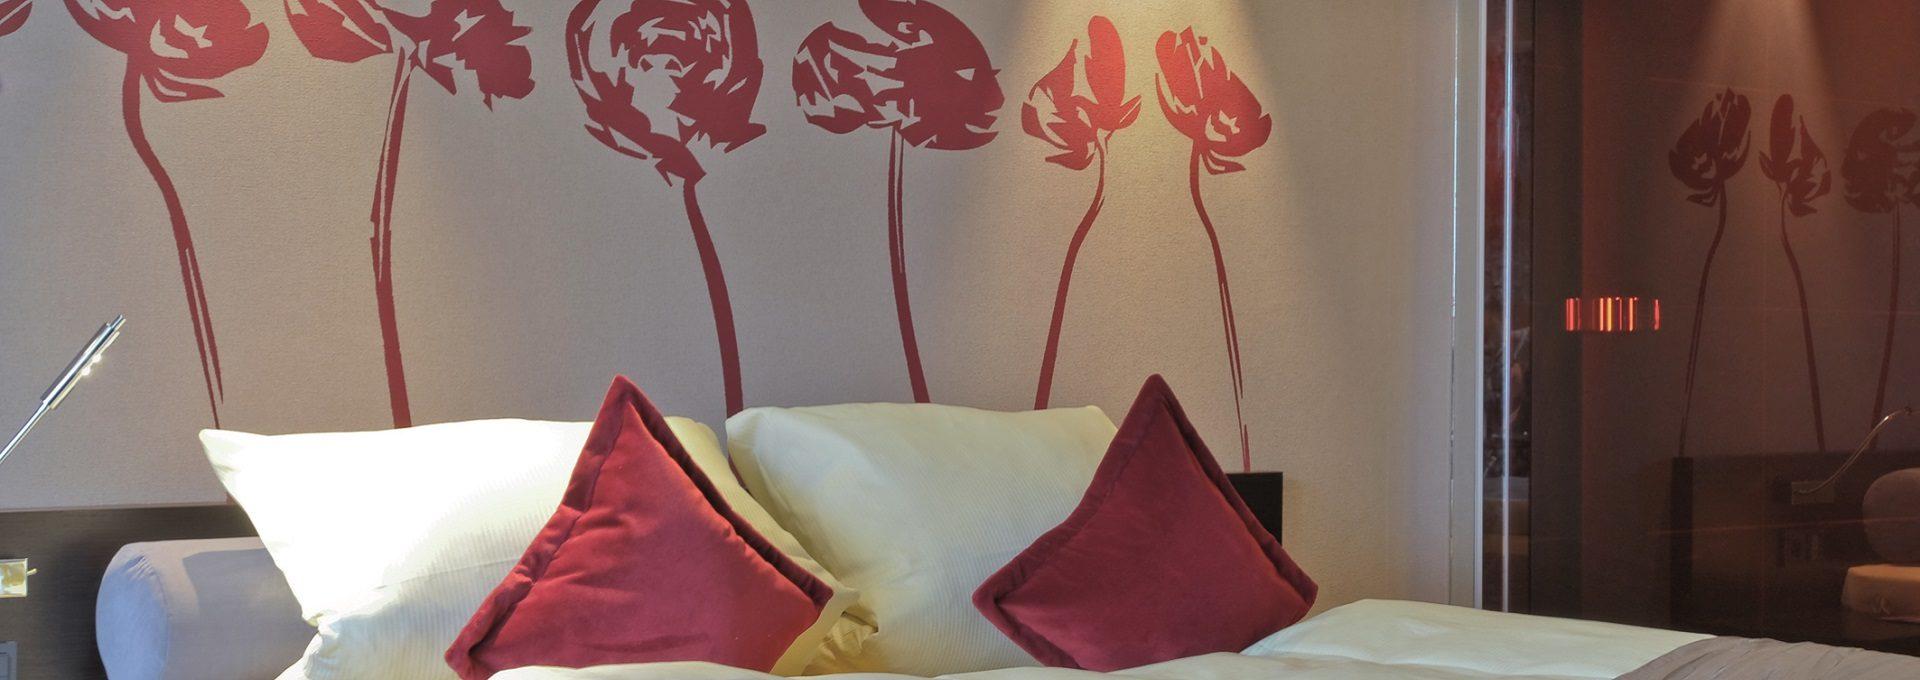 Deluxzimmer Detailaufnahme Bett Kissen